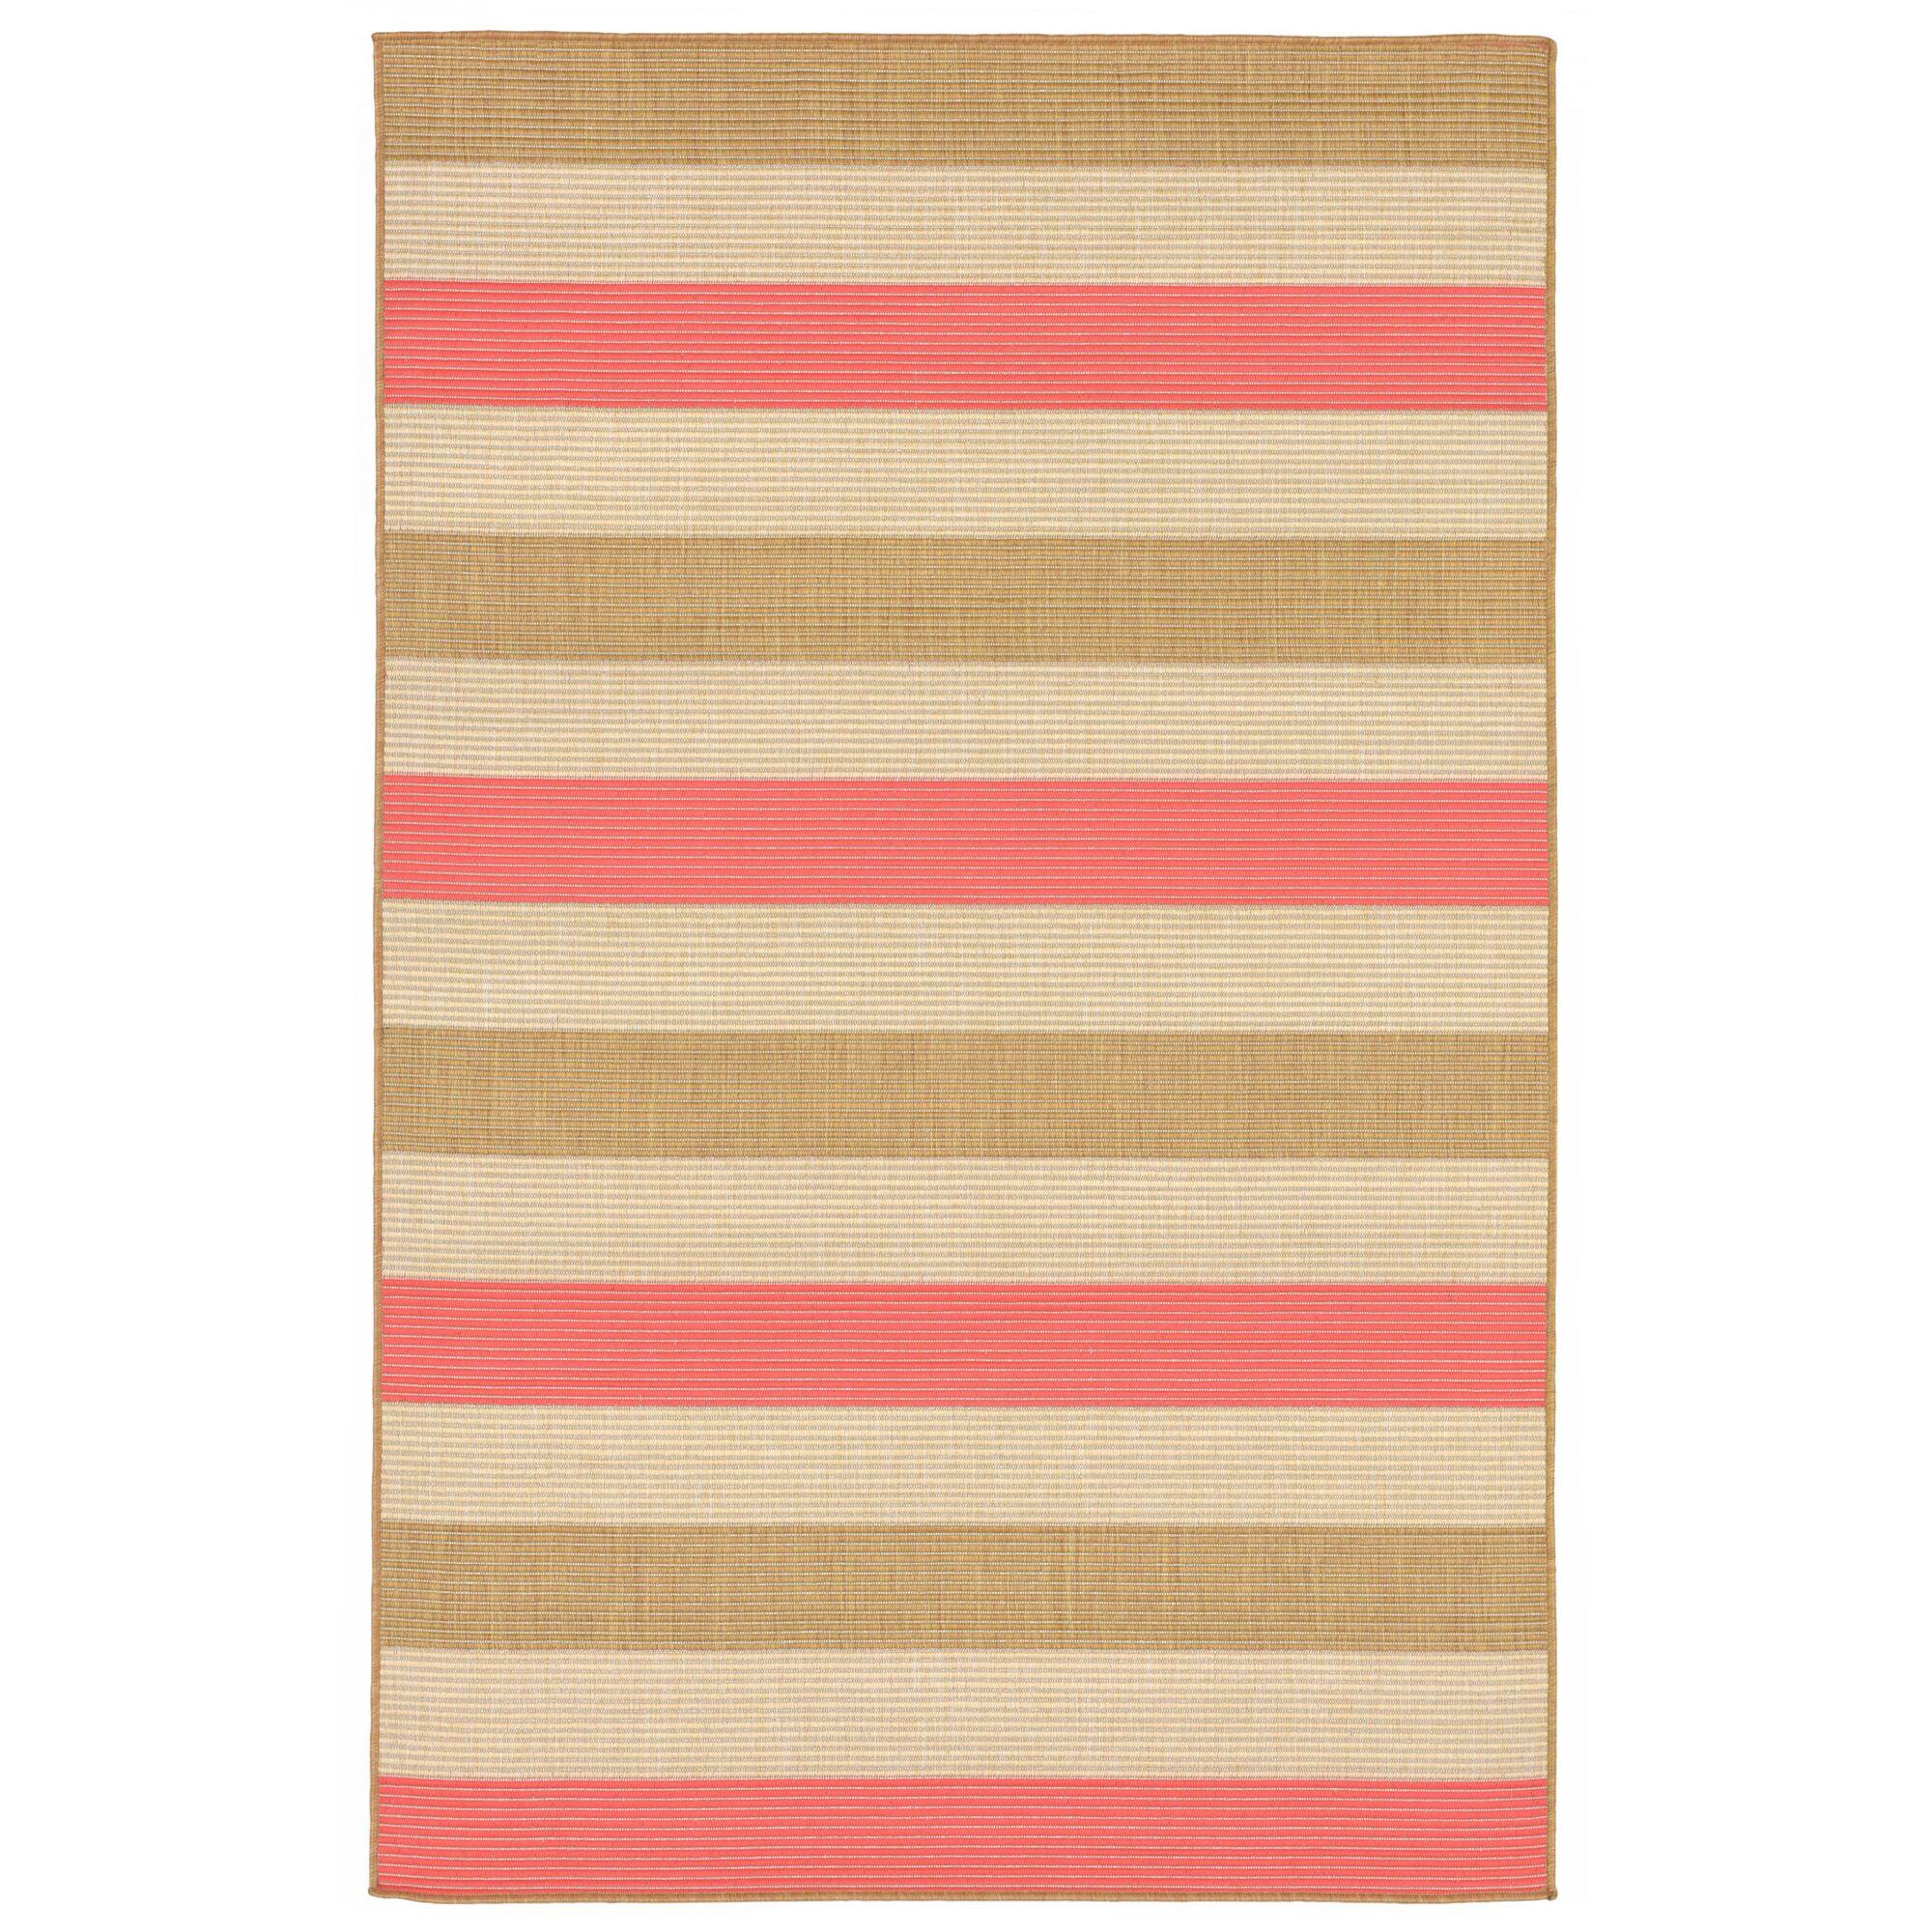 Larana Stripe Beige/Pink Indoor/Outdoor Area Rug Rug Size: Rectangle 4'10